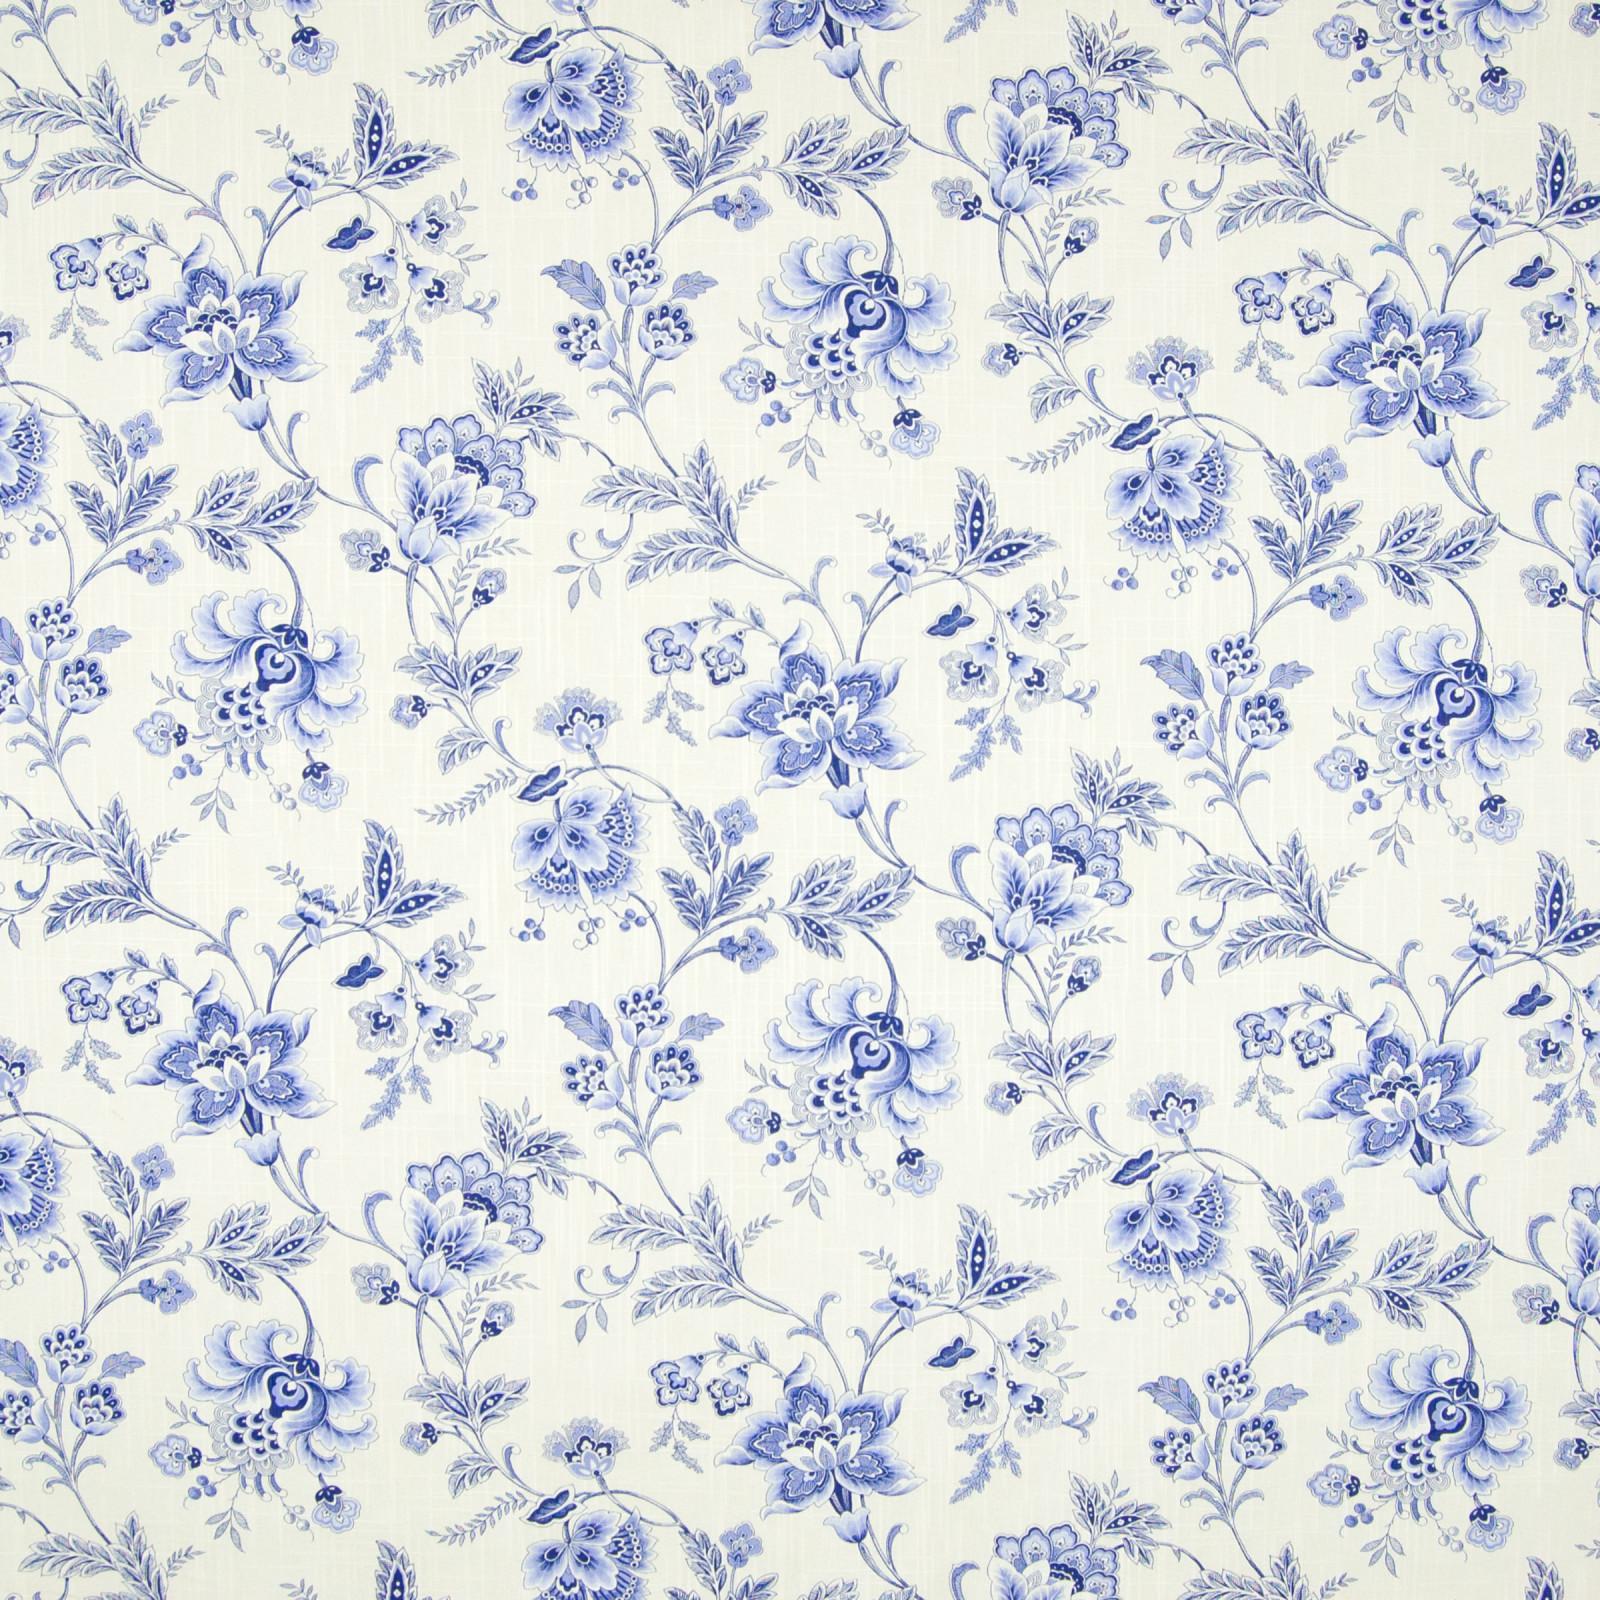 B7228 Porcelain  Greenhouse Fabrics